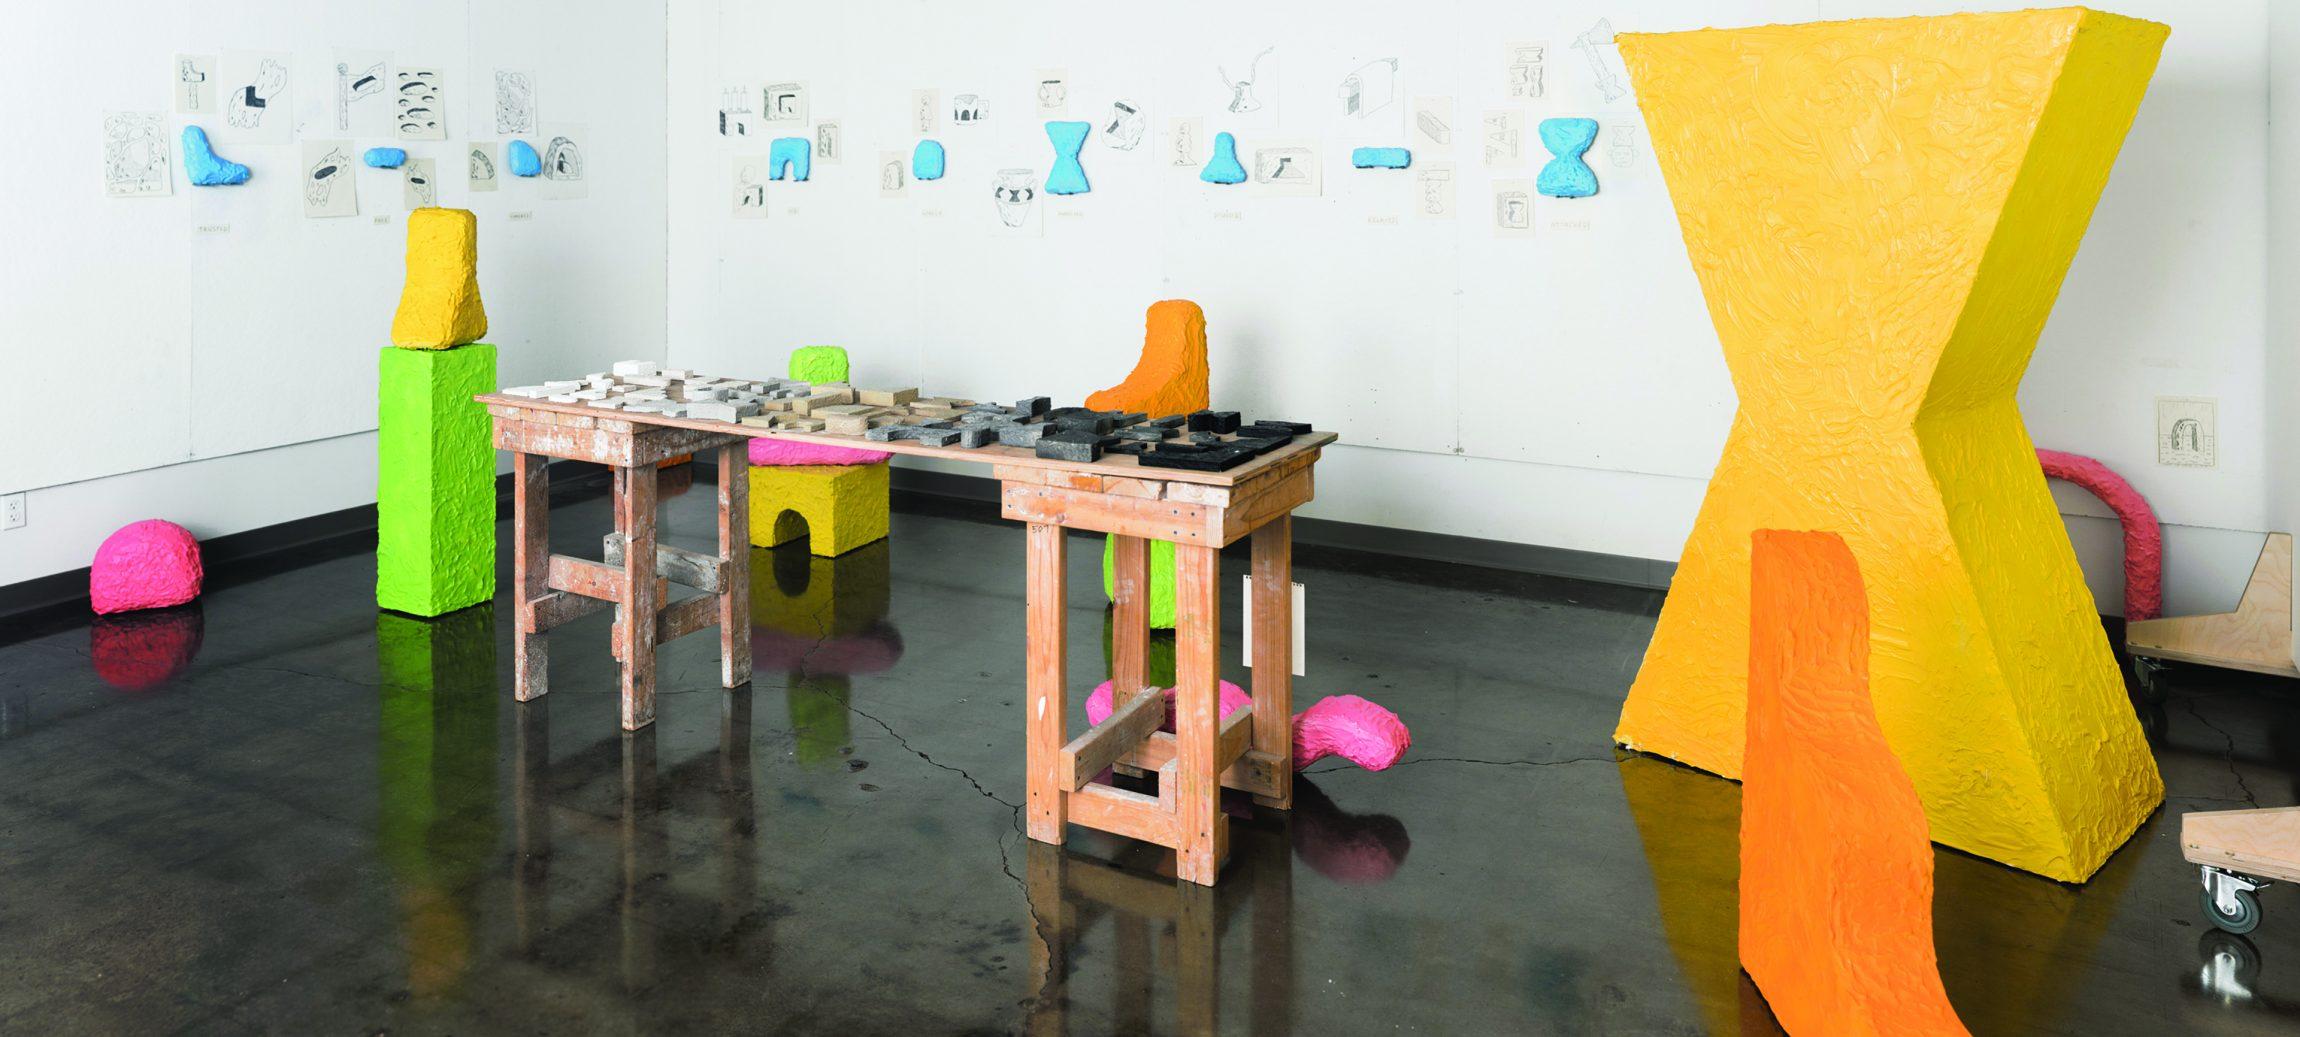 Institute of Contemporary Art (ICA) at MECA image